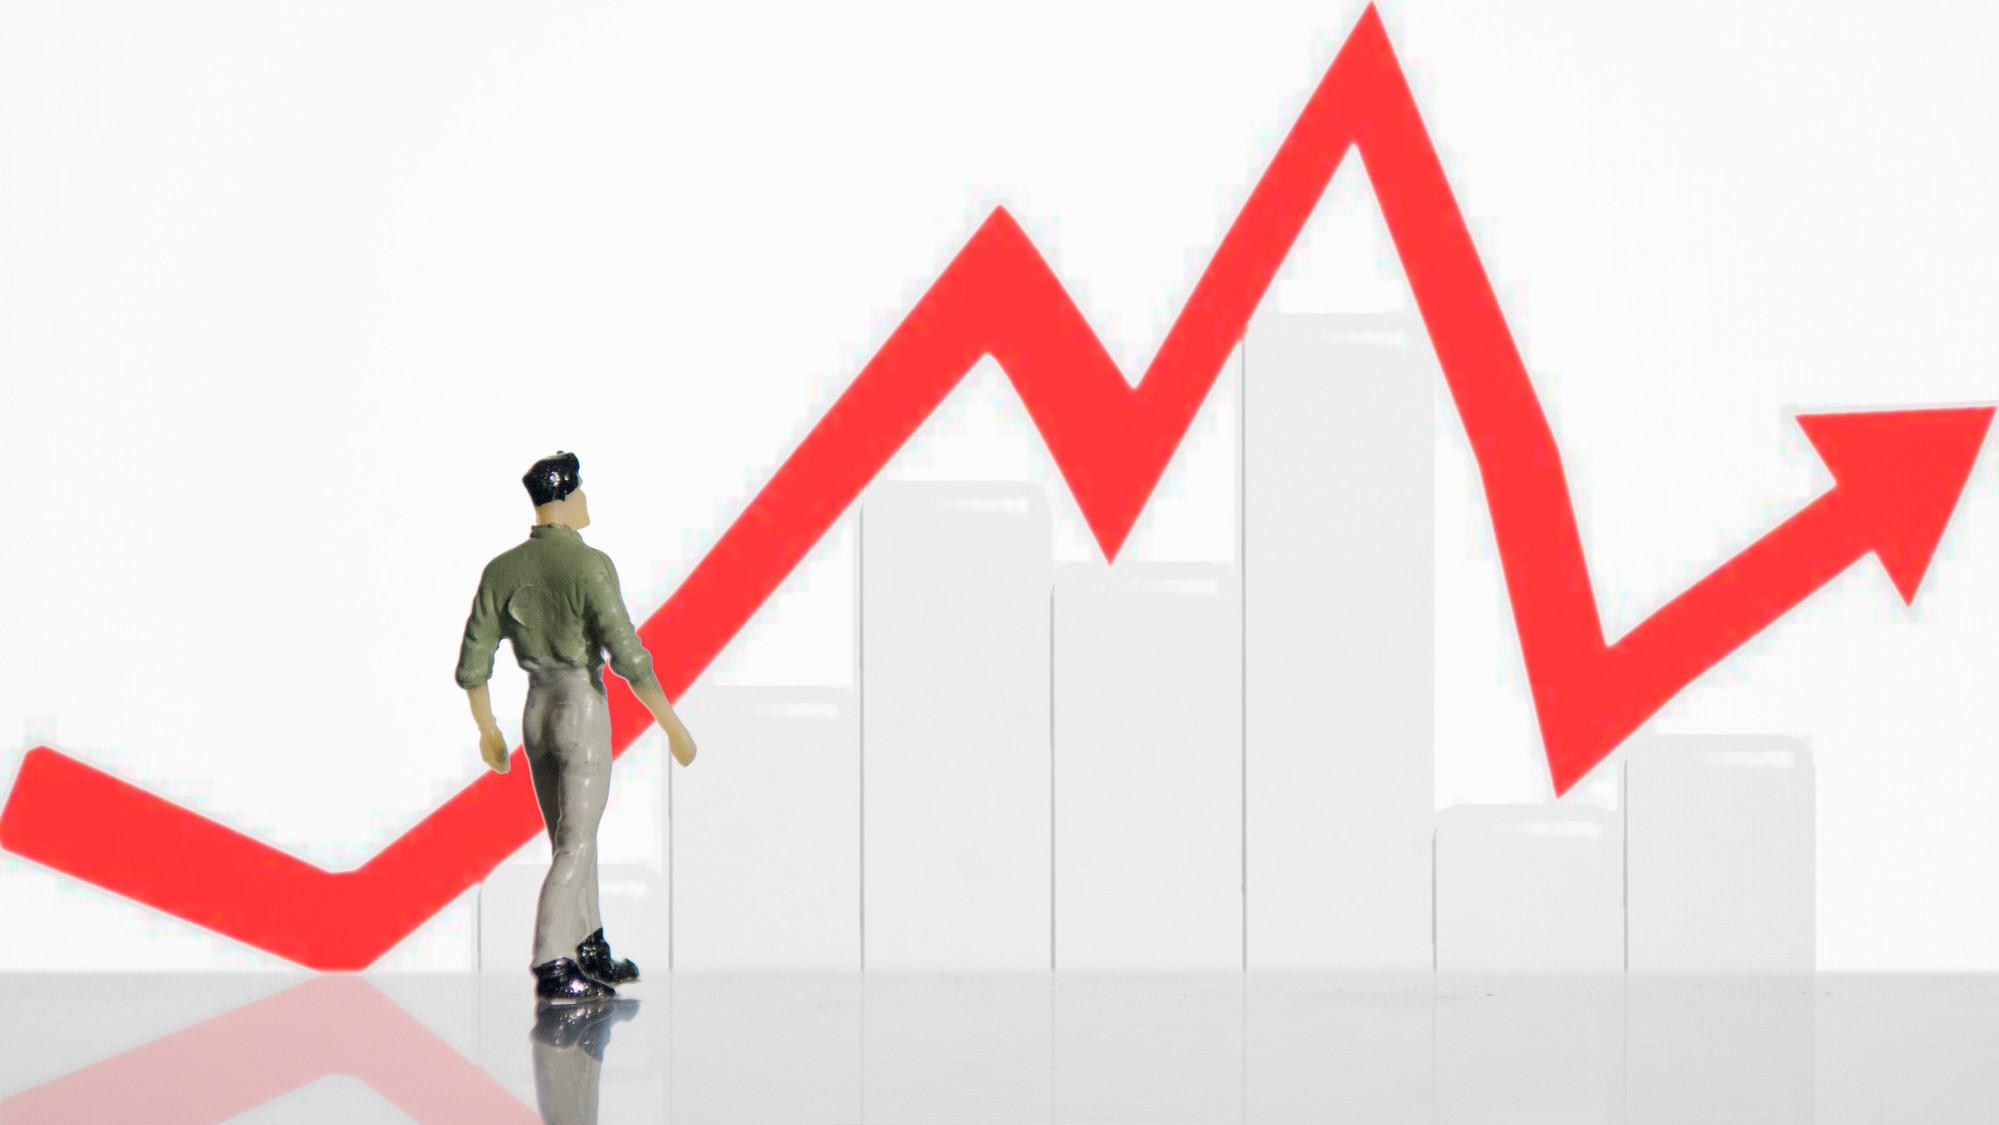 特钢巨头完成重组,中信特钢前三季度净利飙增9倍